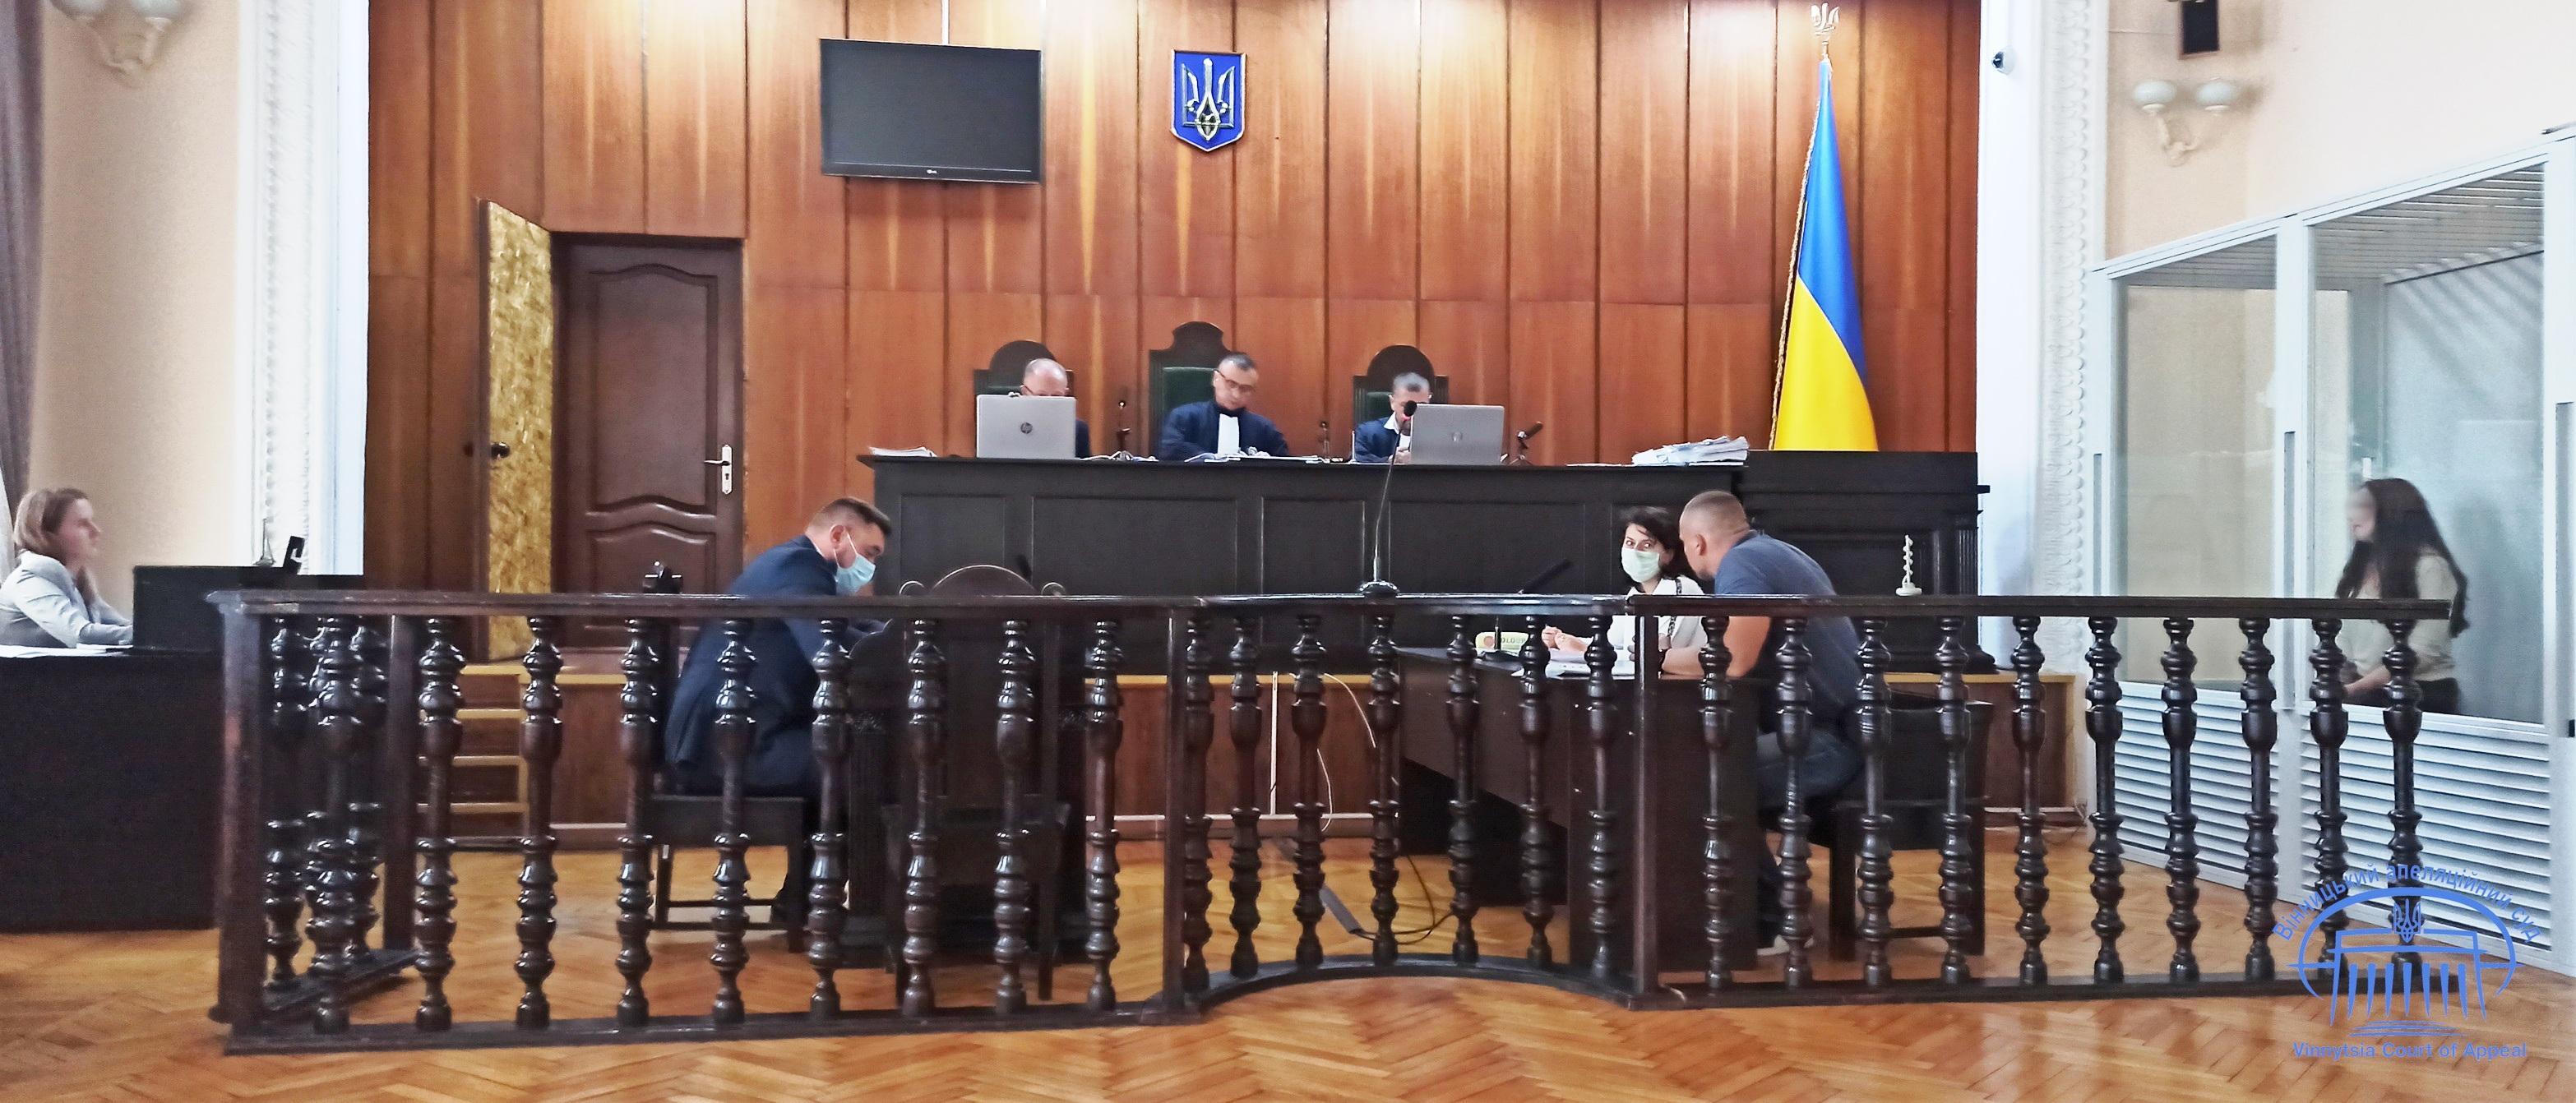 У Вінниці засудили до в'язниці жінку, яка цупила з магазинів косметику (Фото)